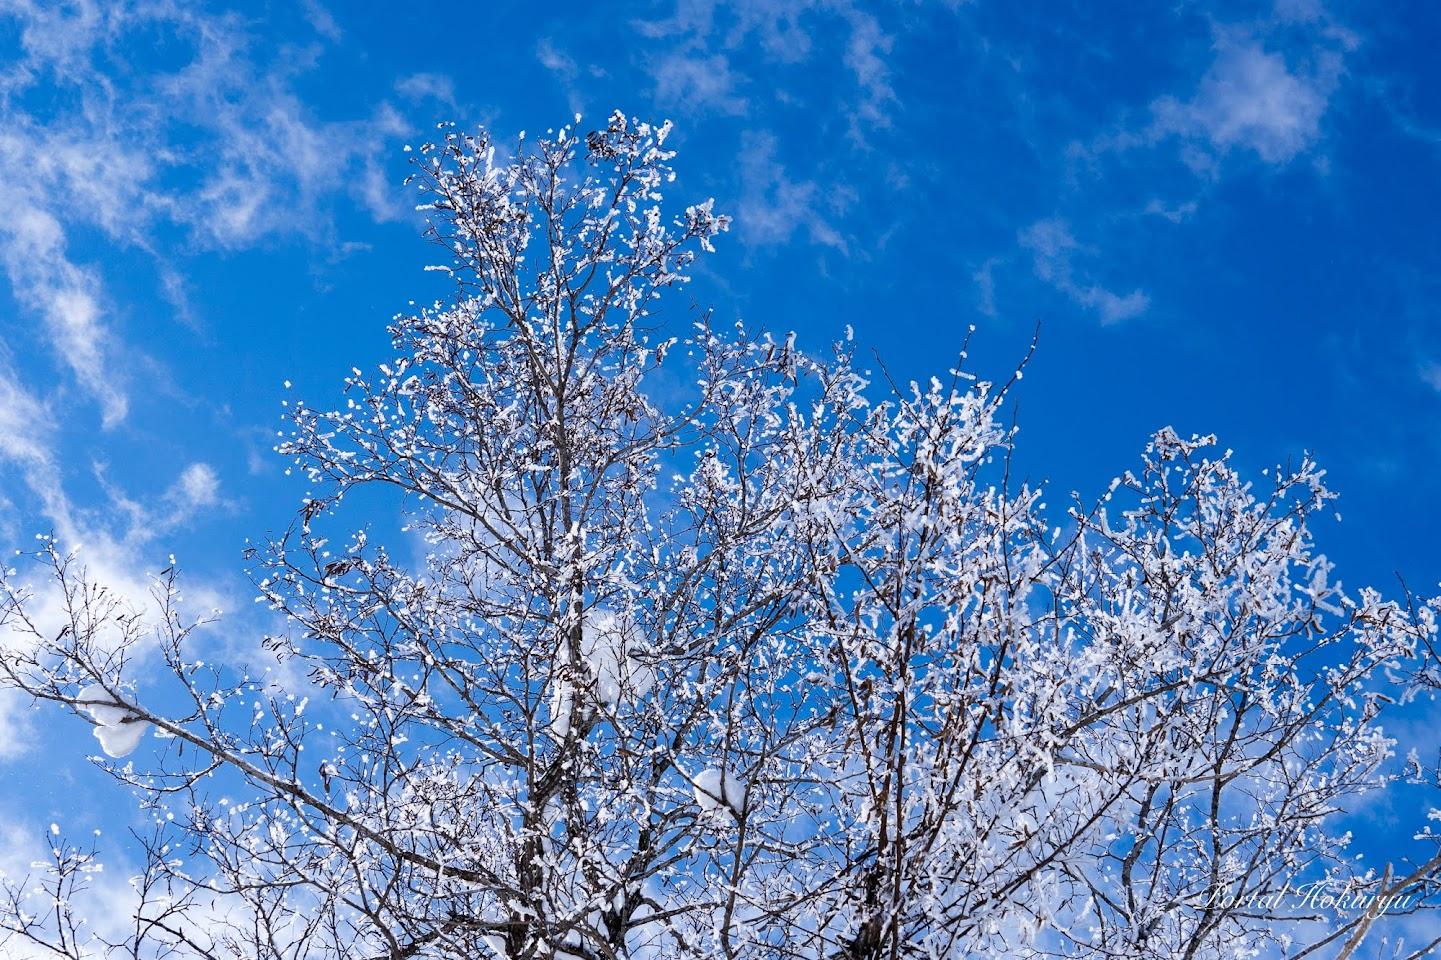 冬に咲く白い雪桜